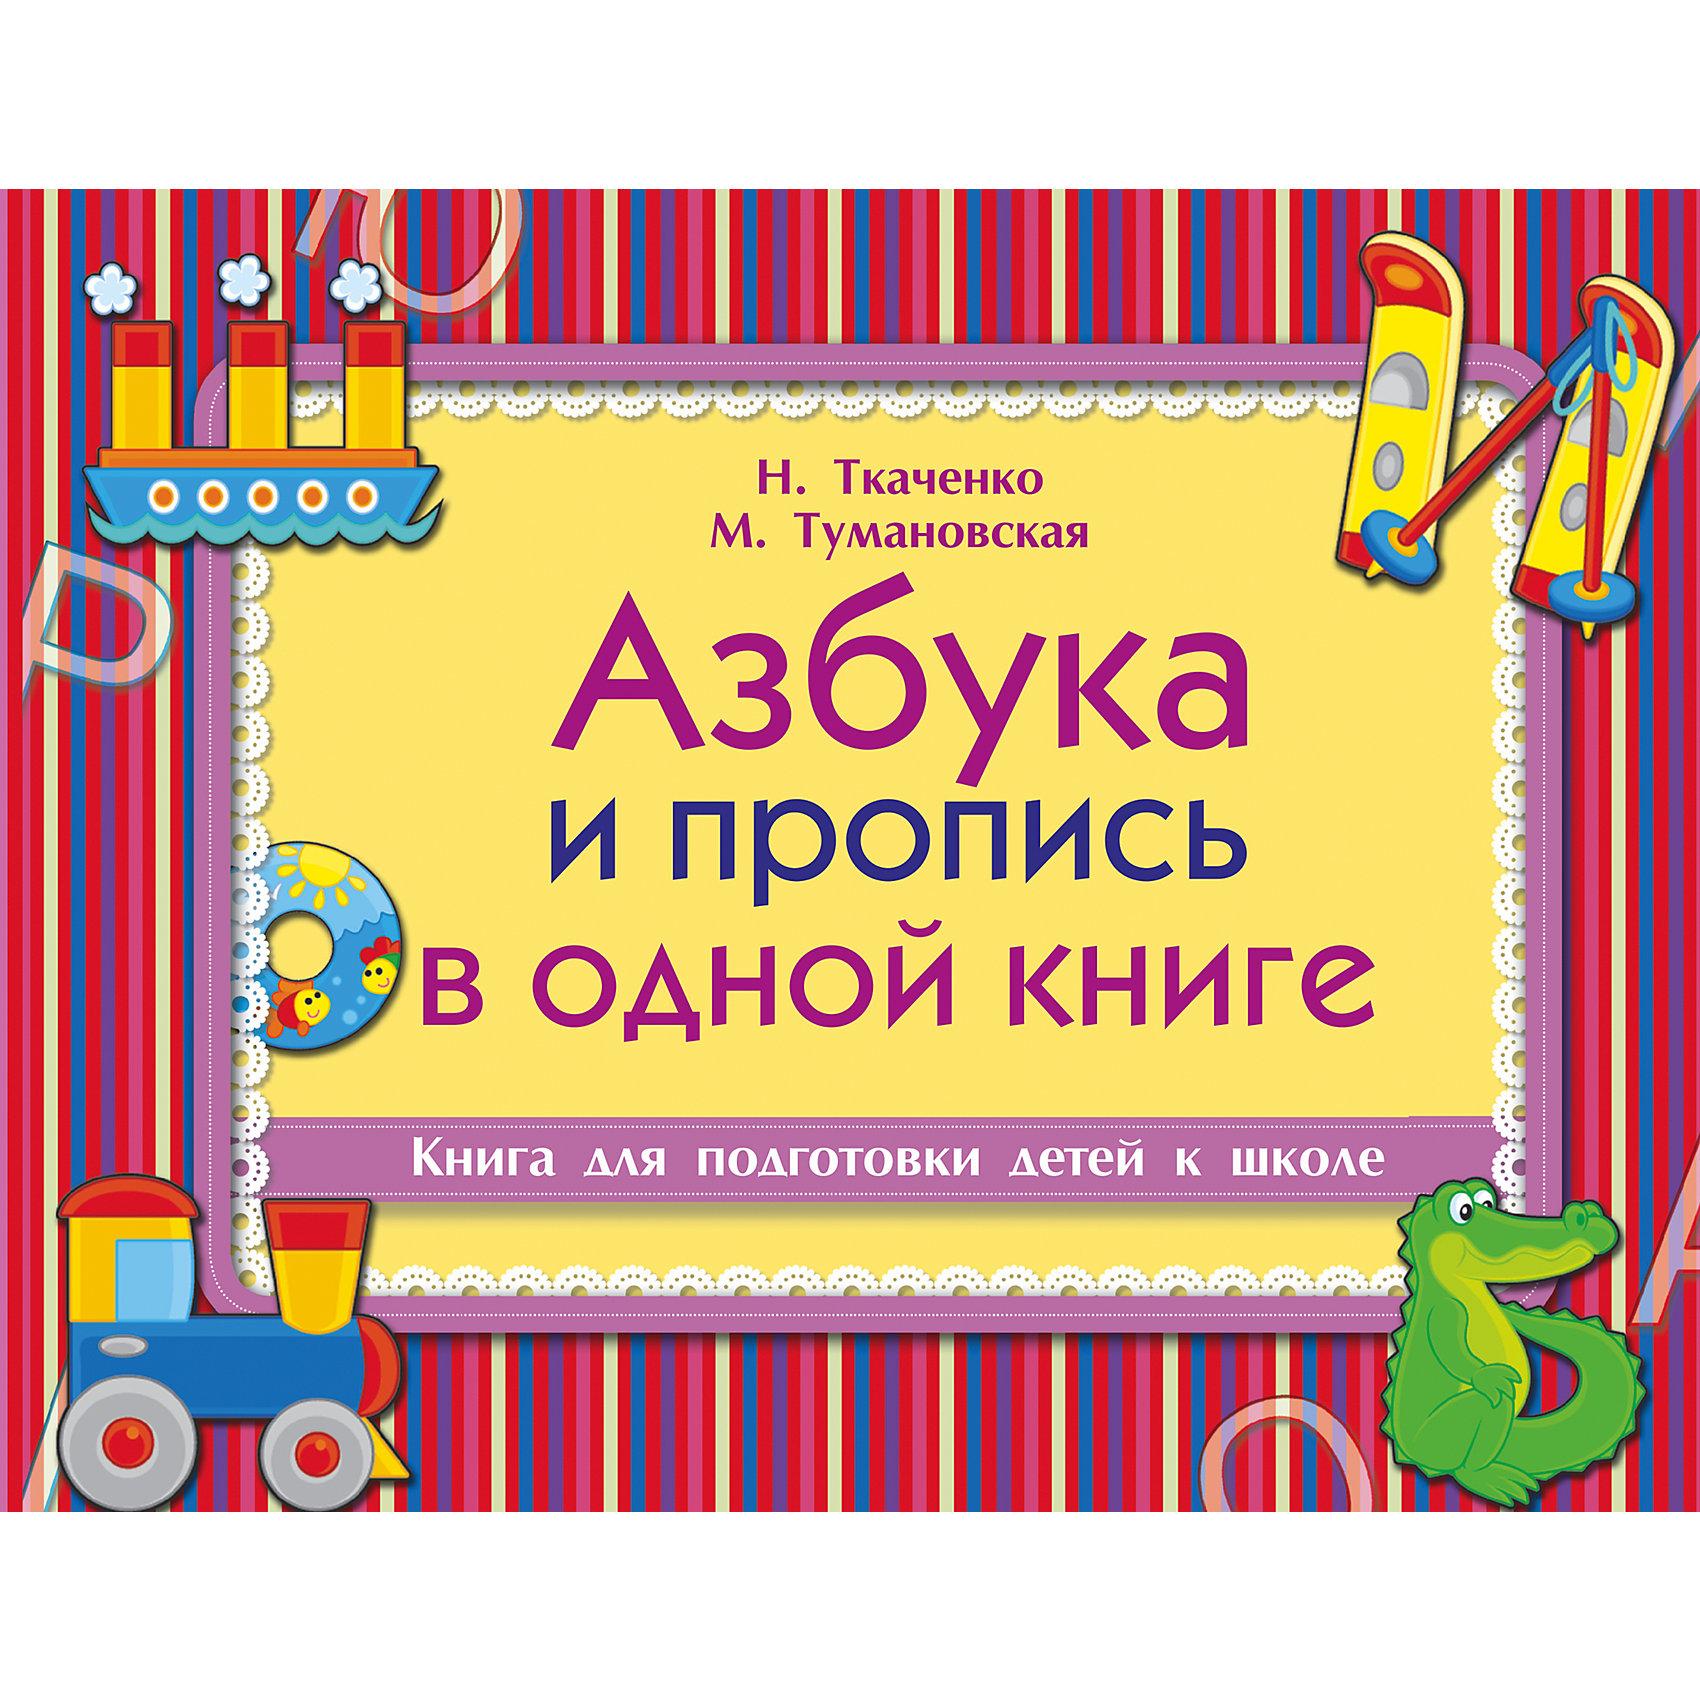 Азбука и пропись в одной книге, Н. Ткаченко, М. Тумановская